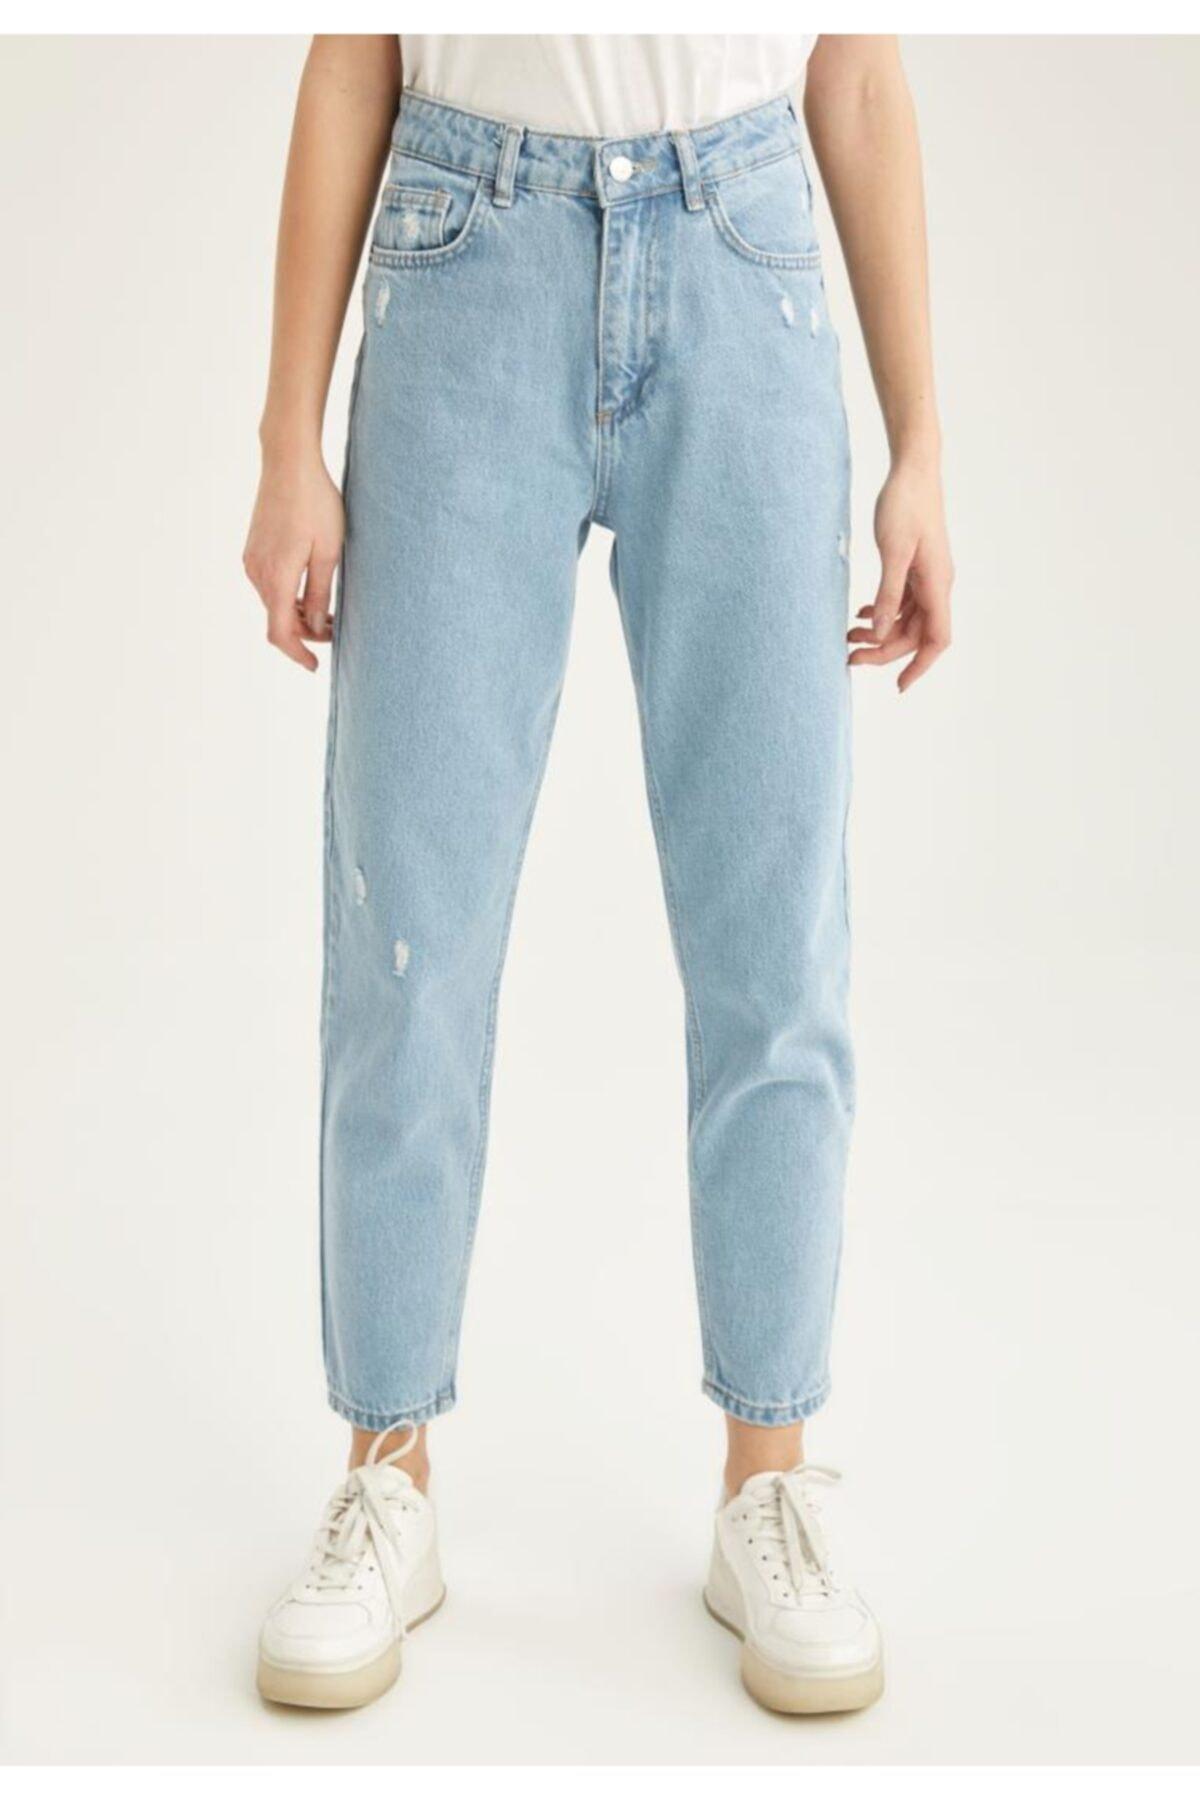 Kadın Mavi Fit Yüksek Bel Jean Pantolon